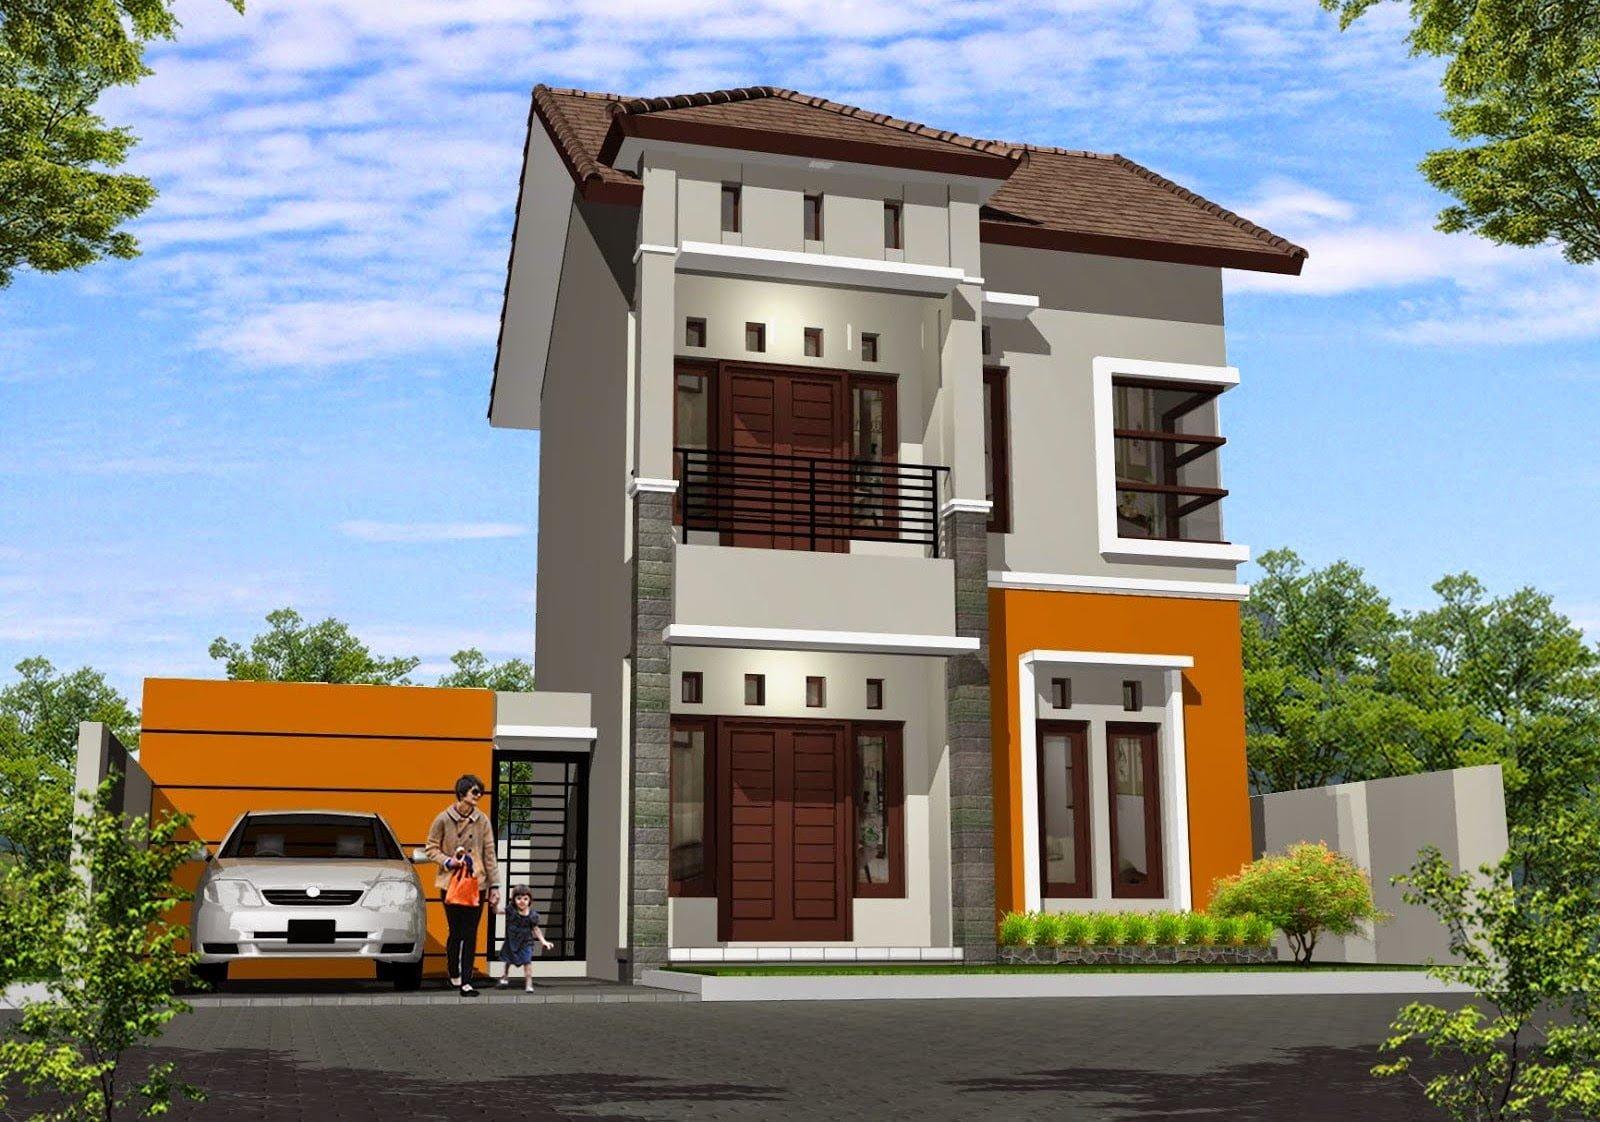 26 Ide Desain Cat Rumah Minimalis 2 Lantai Tampak Depan ...